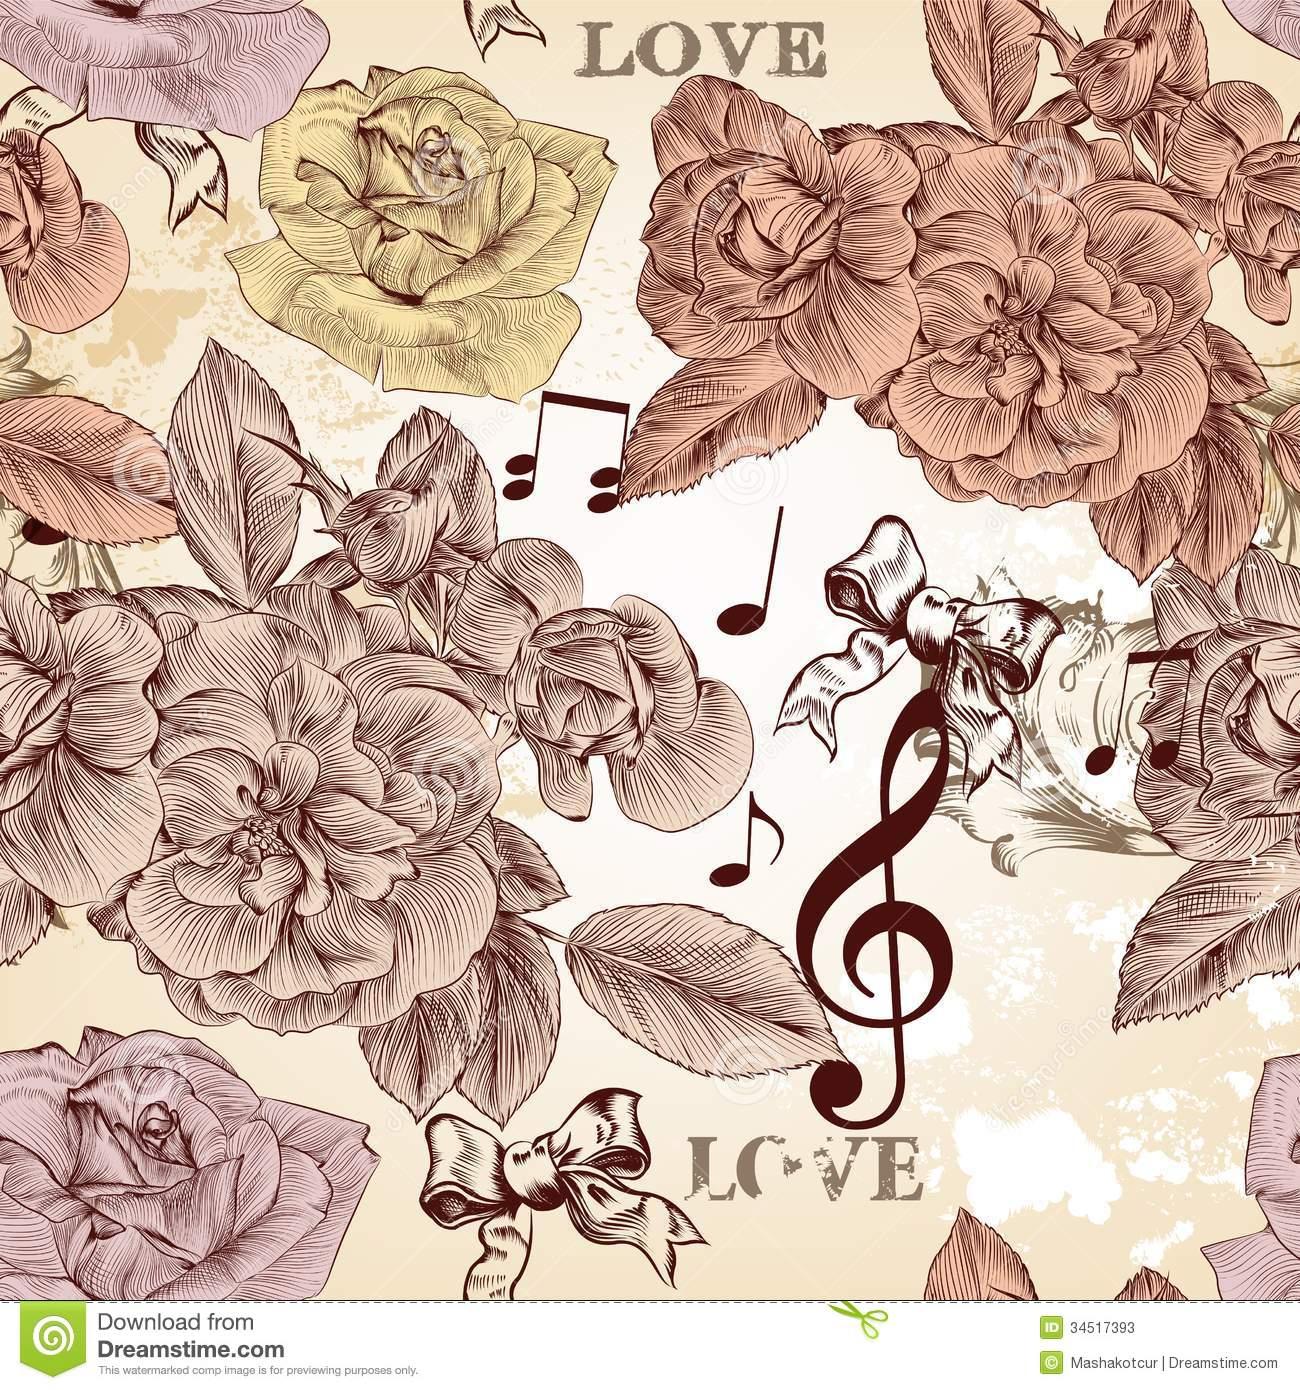 Retro Inspired Wallpaper - WallpaperSafari